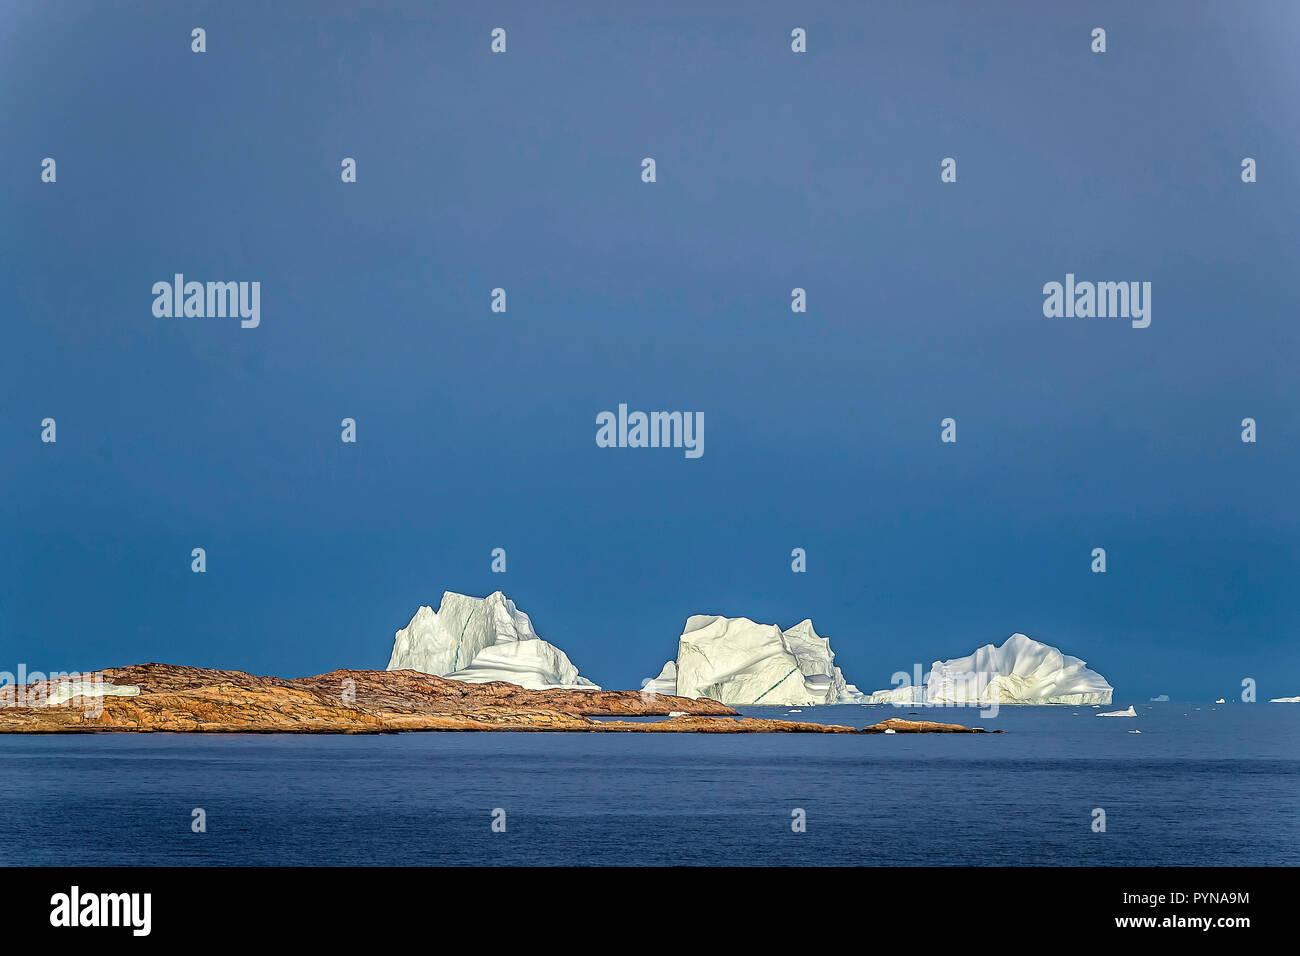 Eisberge vor der Küste von Grönland, Nordpolarmeer, Arktis   Iceberg at the coast of Greenland, North polar ocean, Arctic - Stock Image